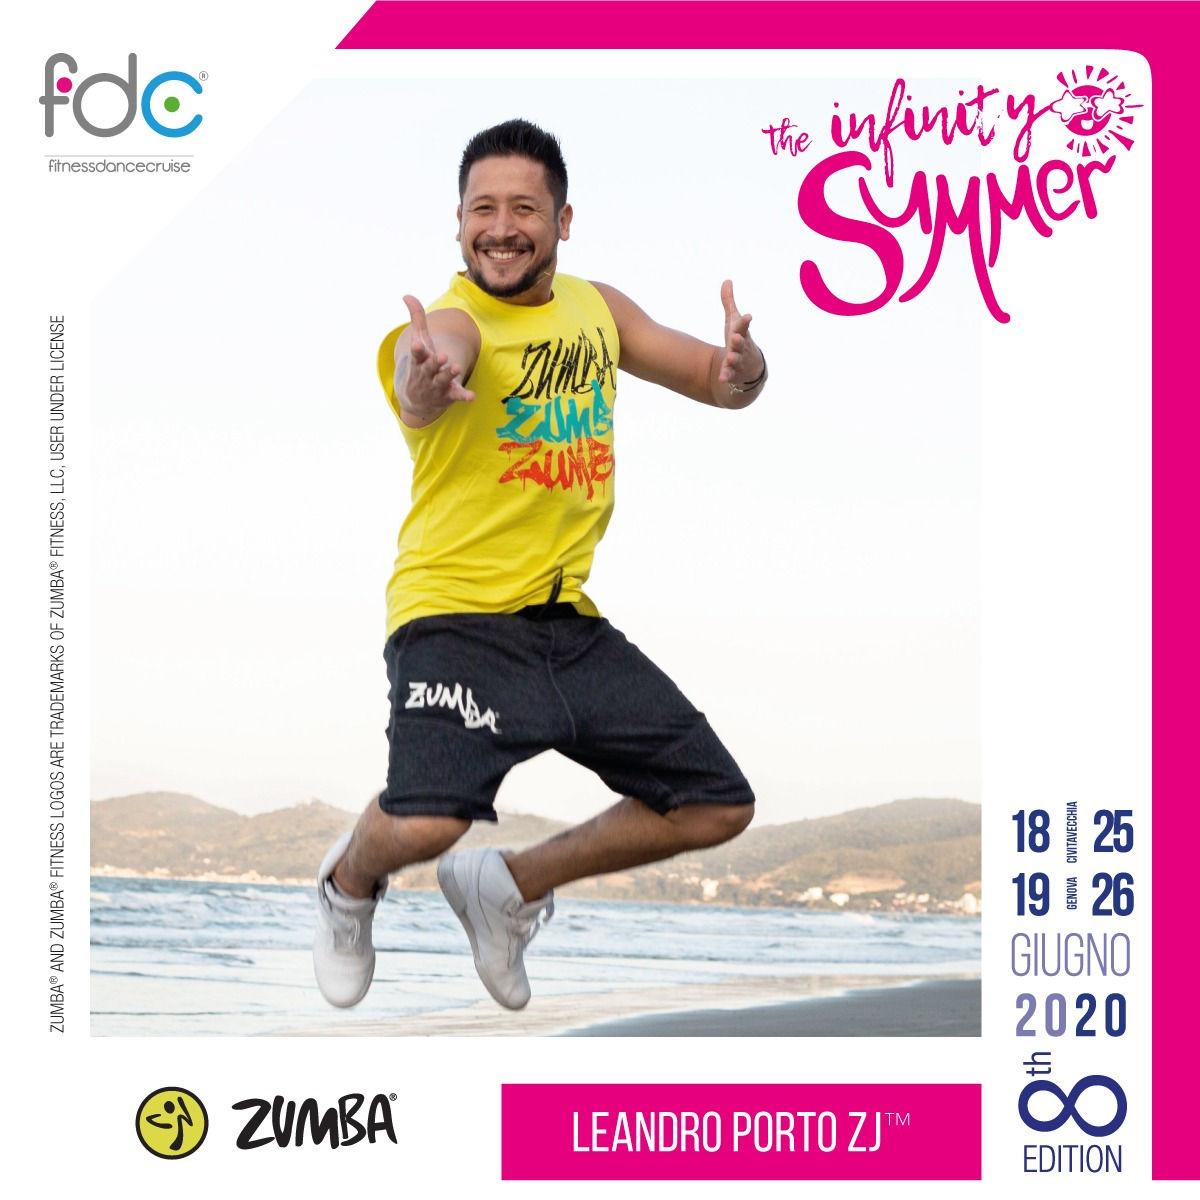 Zumba FDC Presenter Leandro Porto